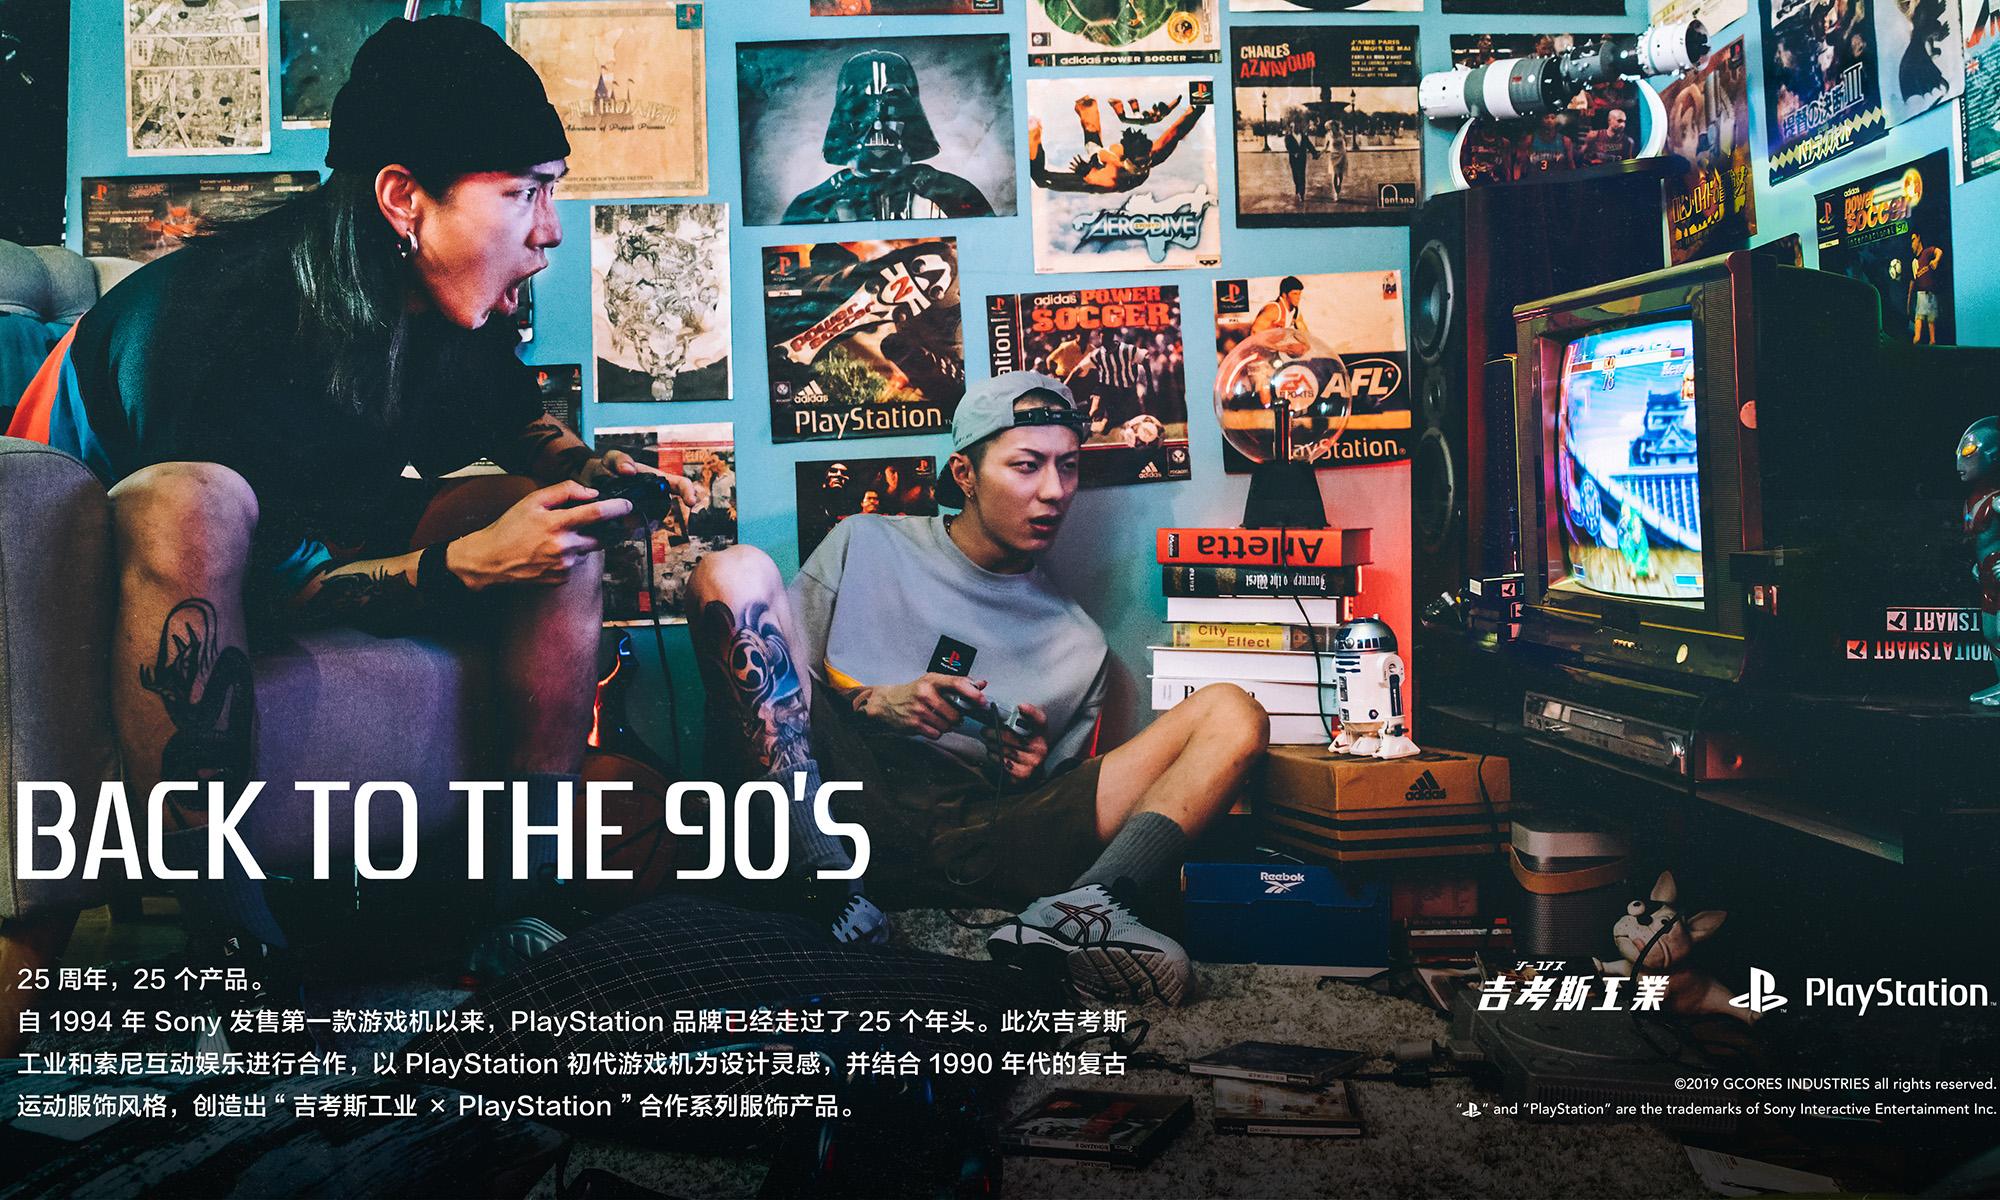 回归 90 年代复古风格,吉考斯工业 x PlayStation® 联名系列发布